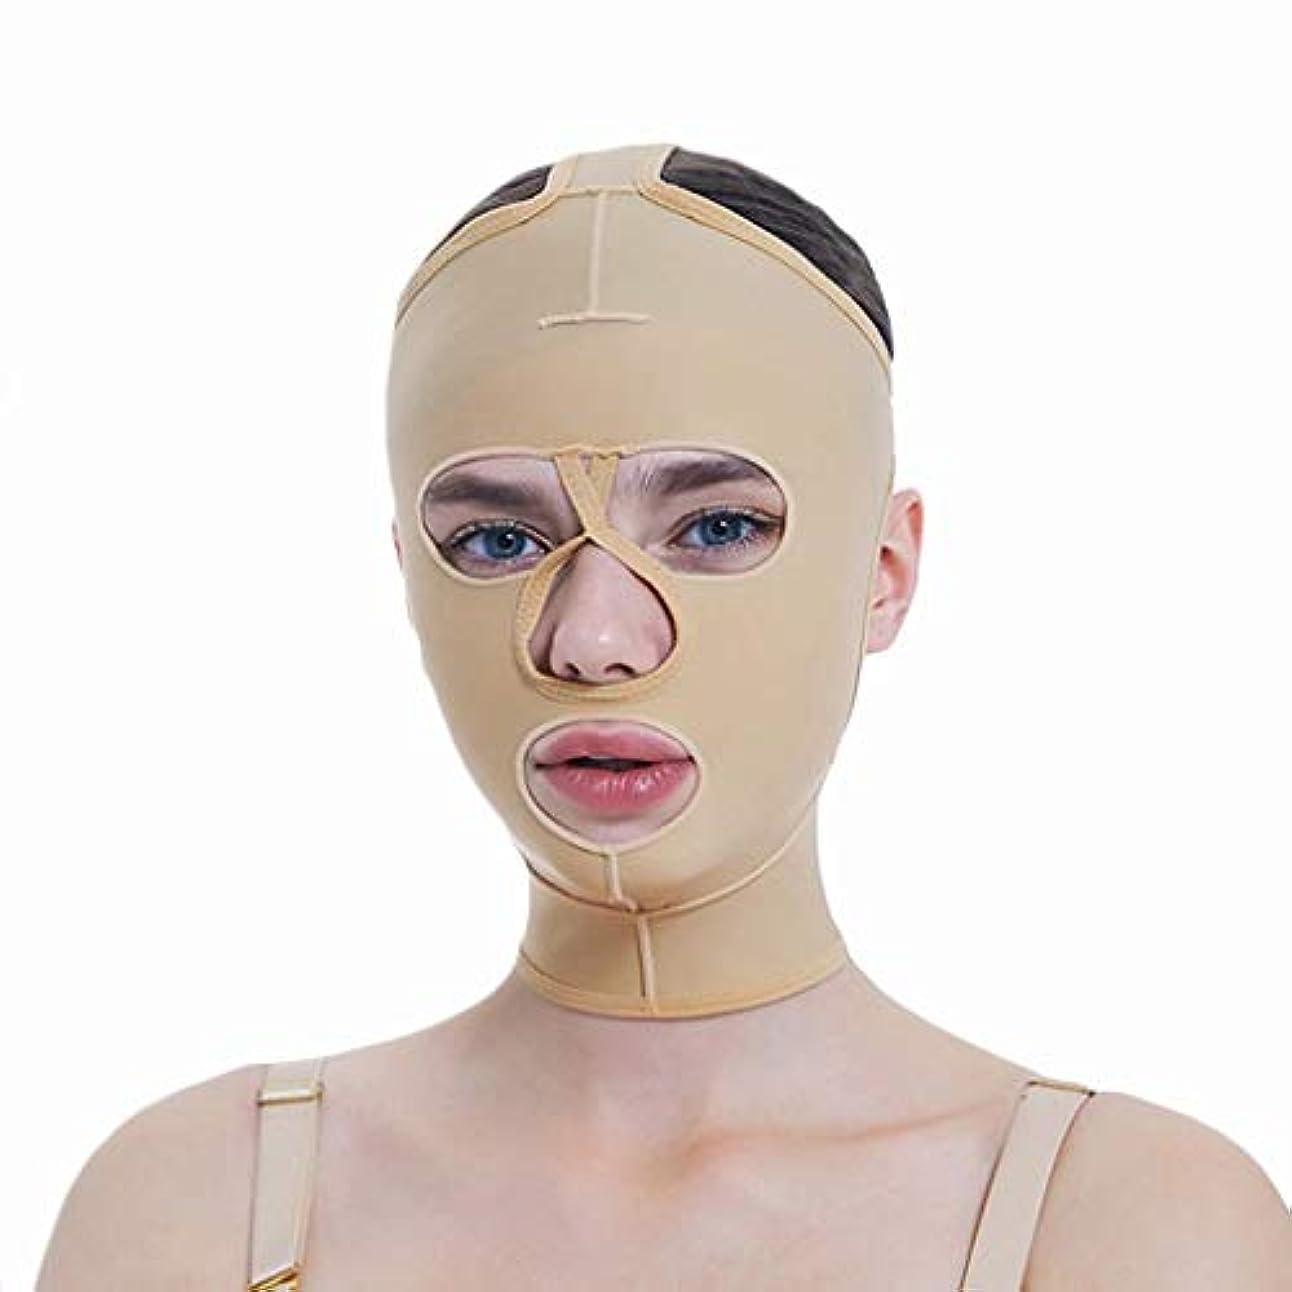 フェイシャル減量マスク、フルカバレッジ包帯、フルフェイスリフティングマスク、フェイスマスク、快適で リフティングシェーピング(サイズ:S),XS